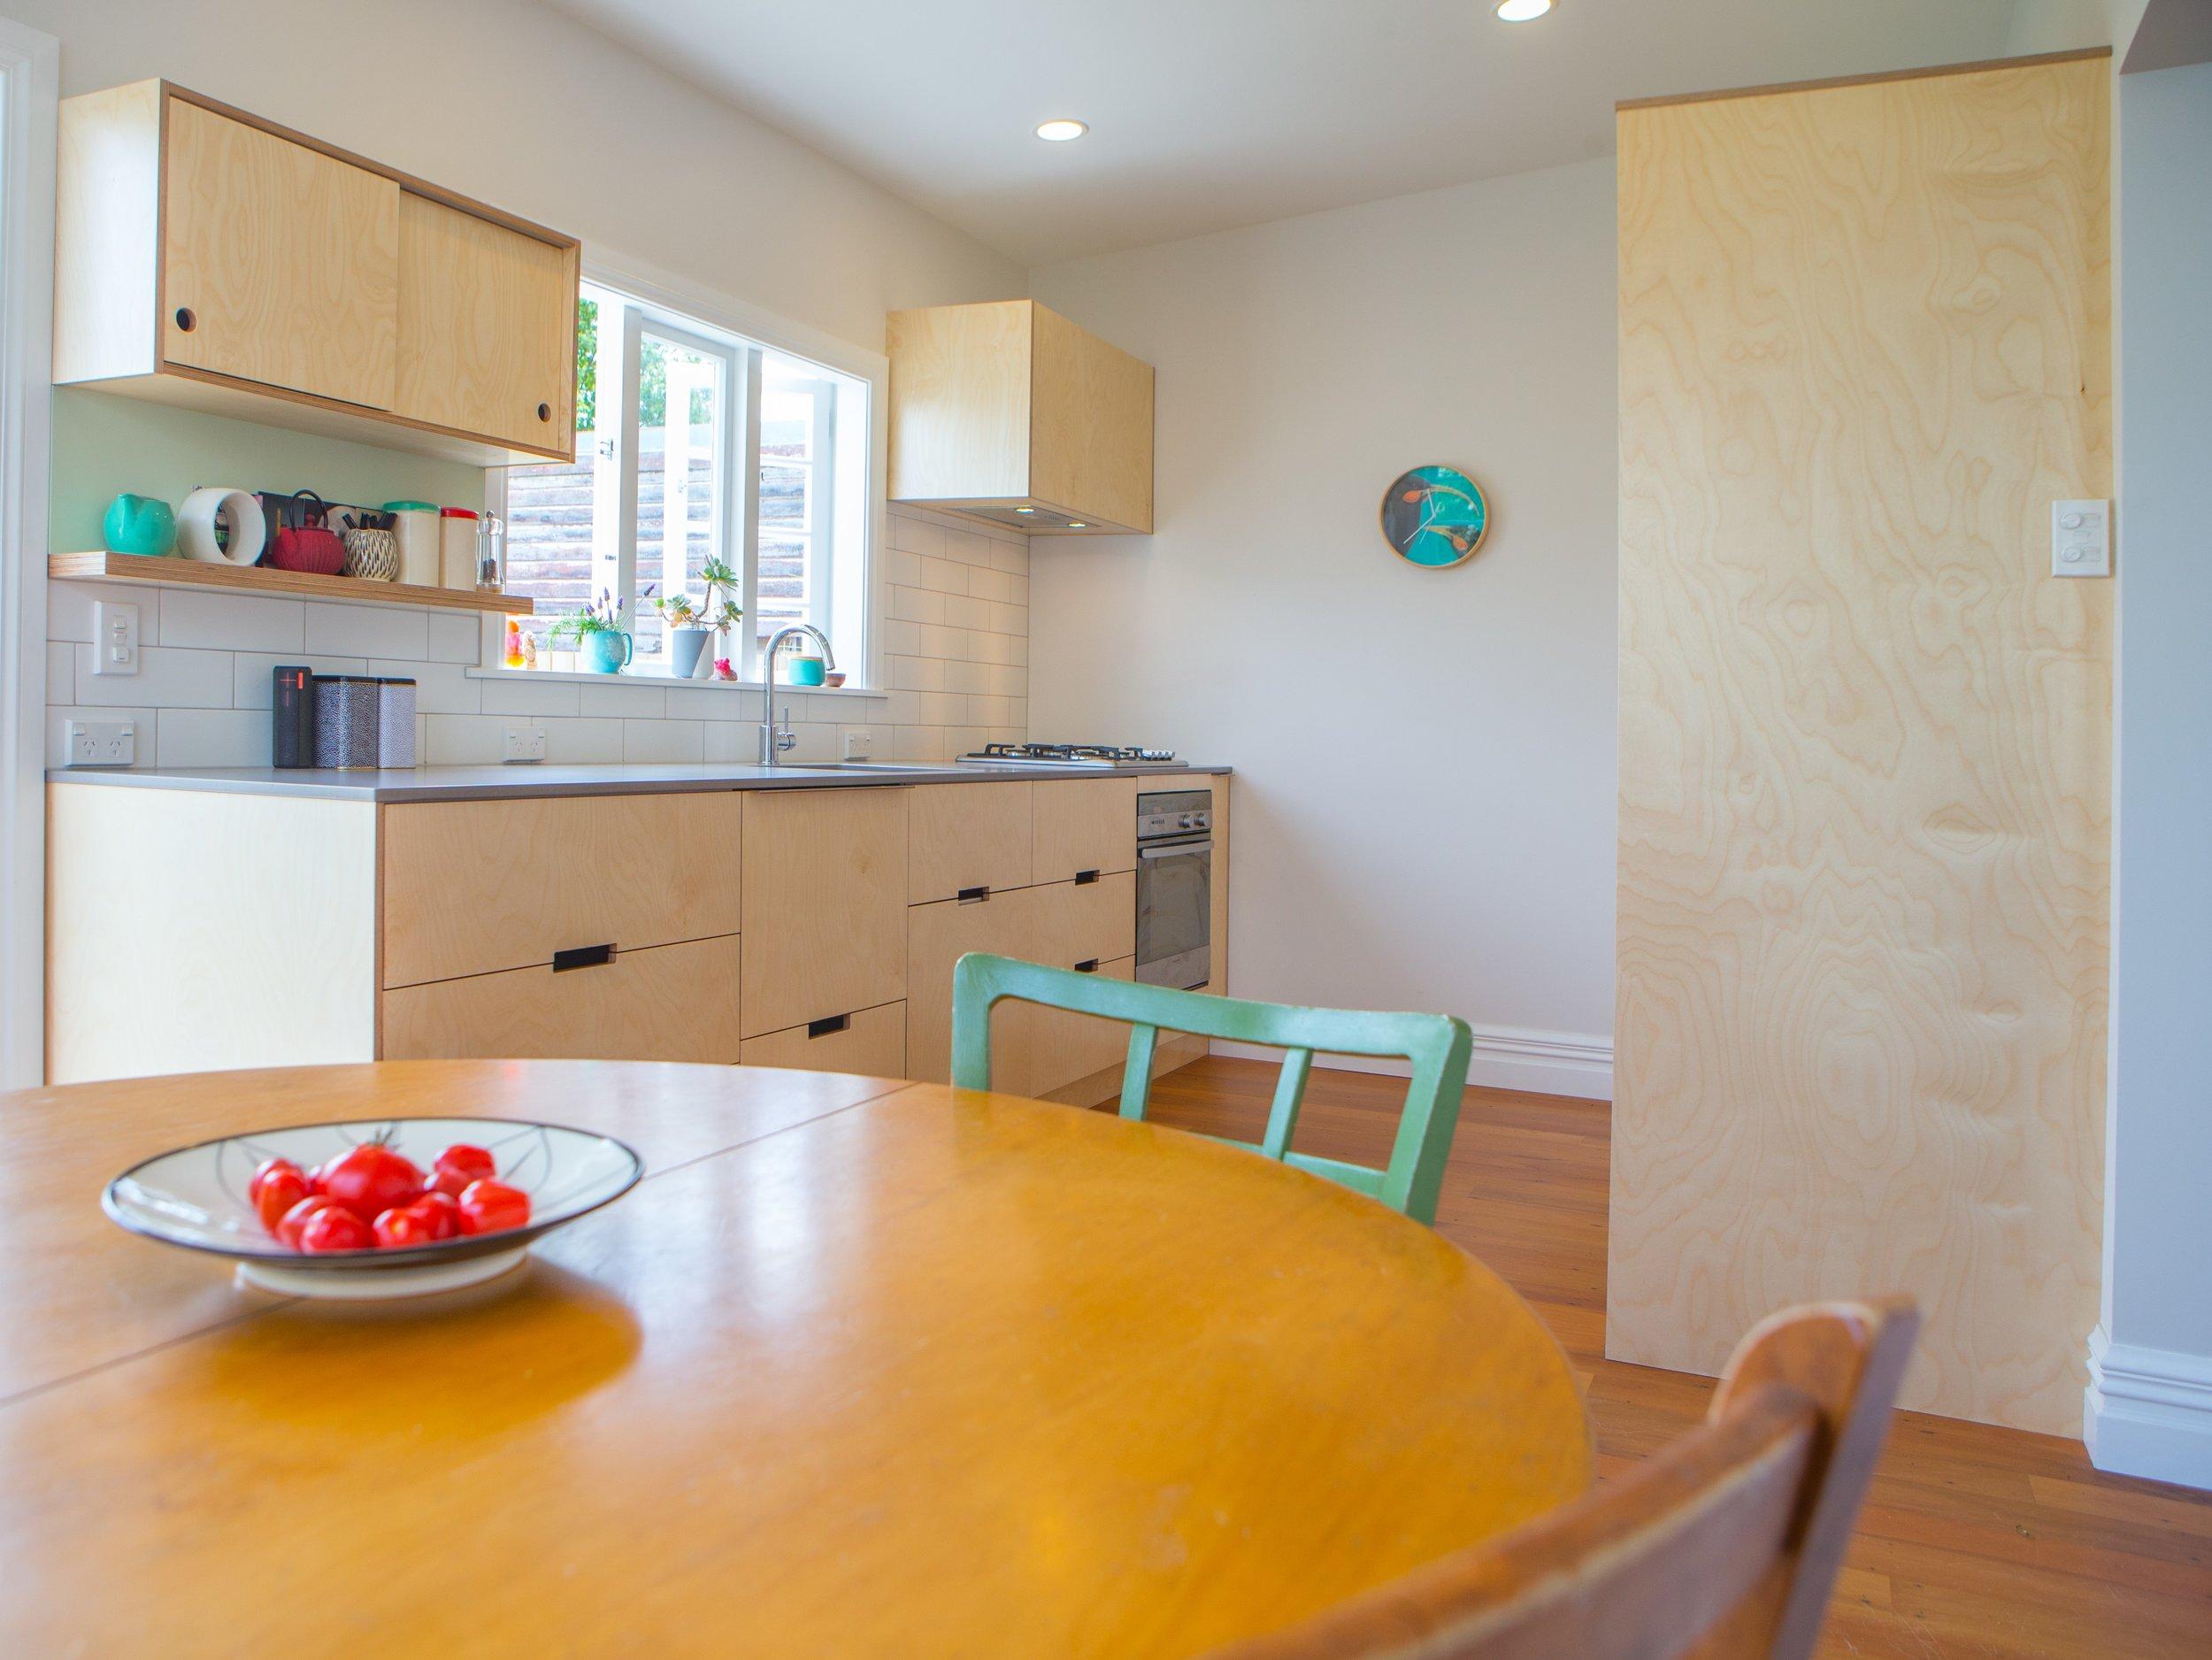 In Haus Design Kitchen Two 20.jpg